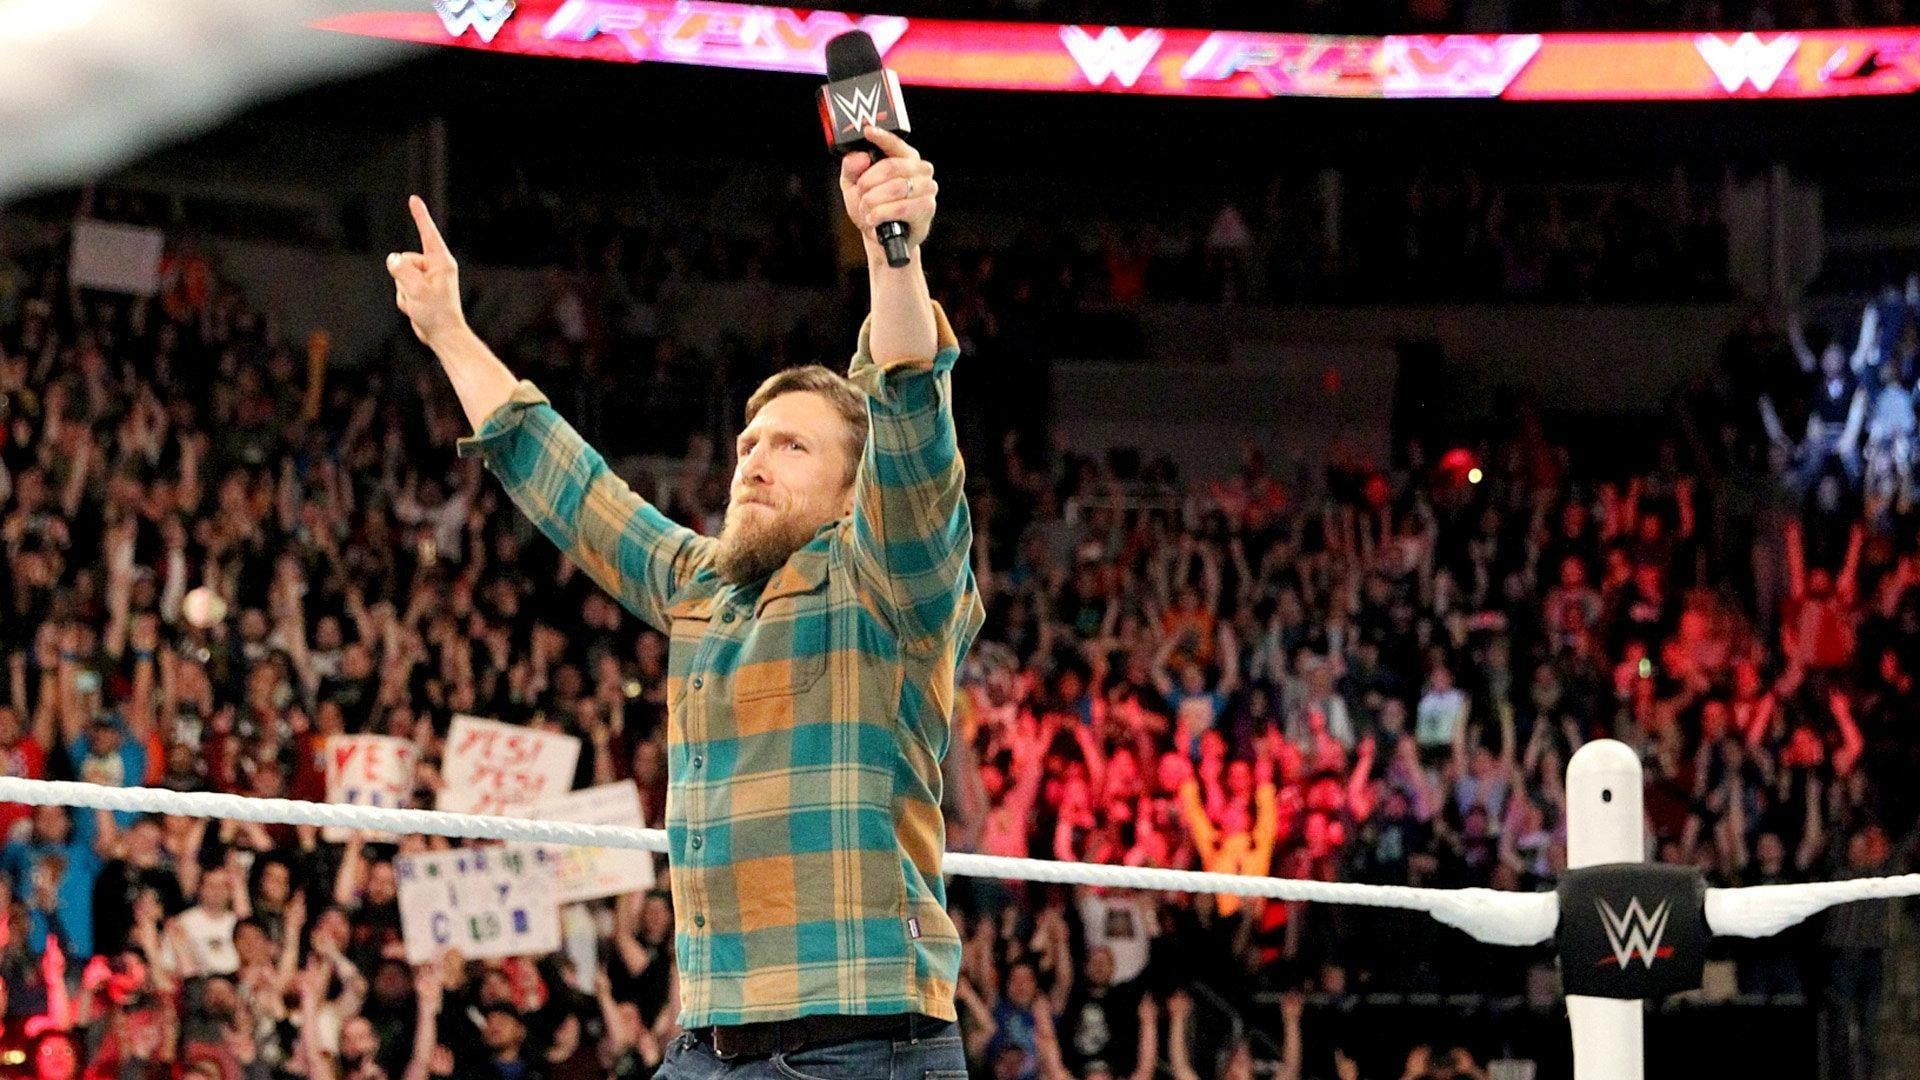 WWE Raw Season 24 :Episode 6  February 8, 2016 (Seattle, WA)